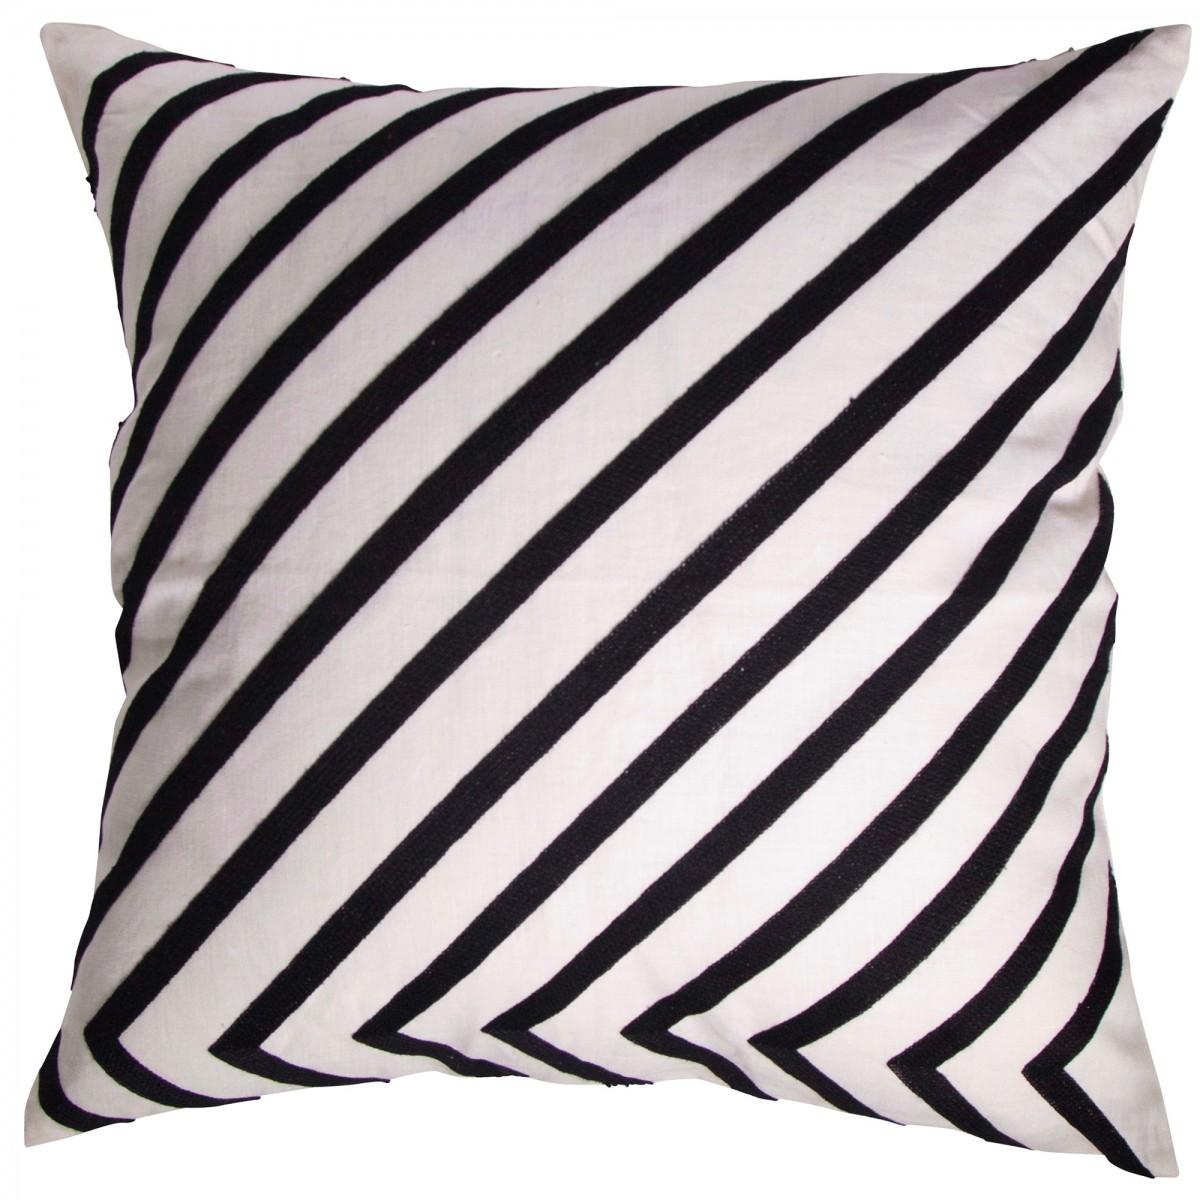 Housse de coussin en lin lavé rayé noir et blanc 50x50